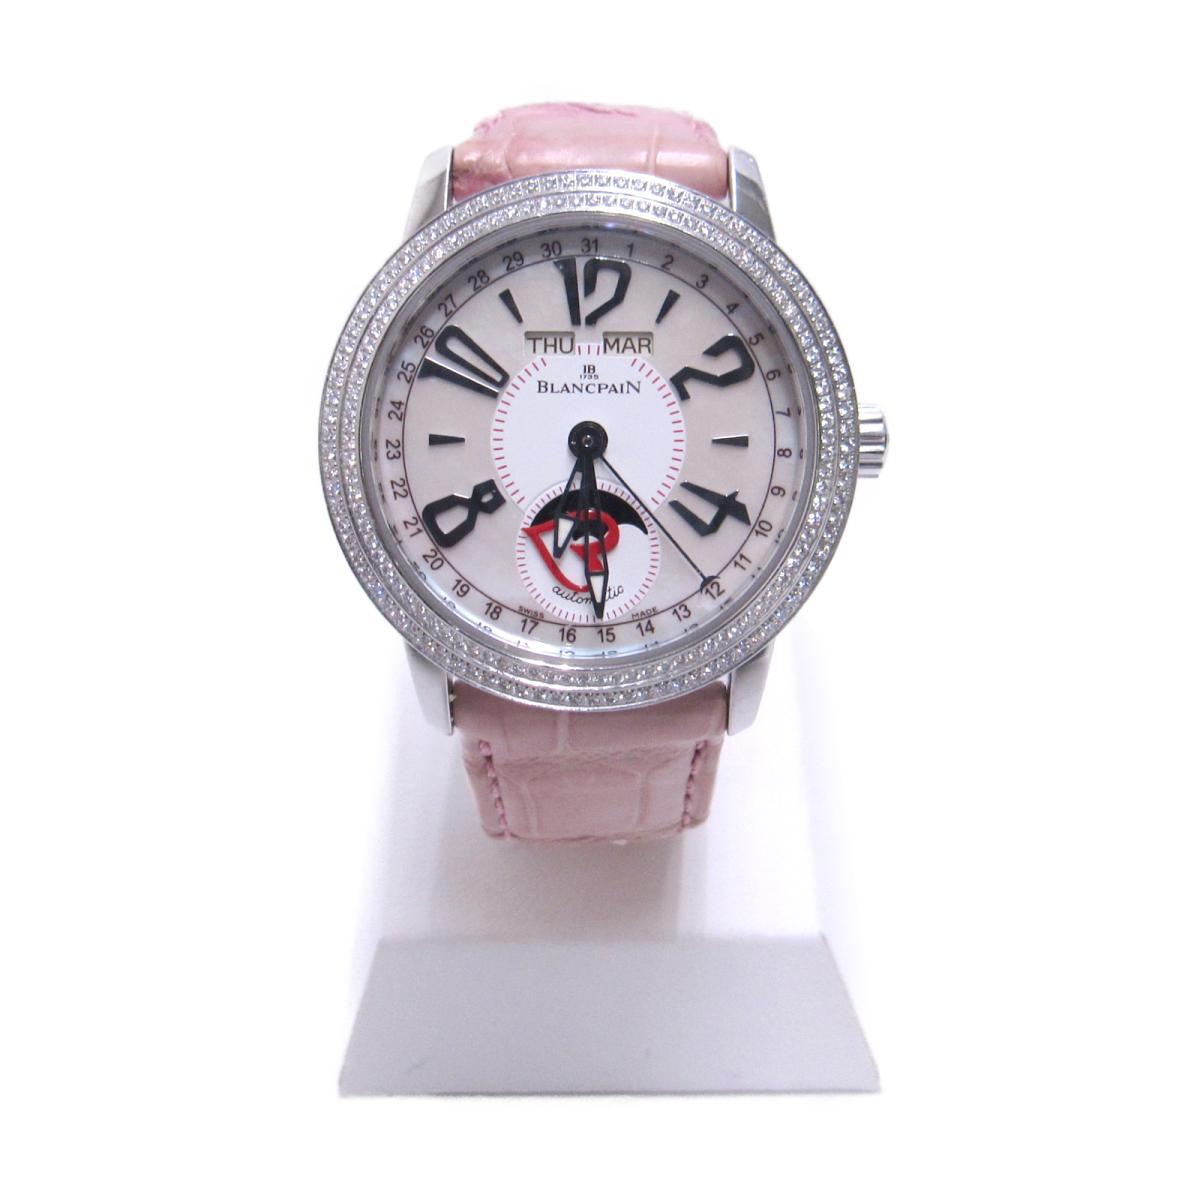 【中古】 ブランパン レマントリプルカレンダームーンフェイズ 腕時計 レディース ステンレススチール (SS) クロコ革ベルト ダイヤモンド ピンク シルバー | BLANCPAIN BRANDOFF ブランドオフ ブランド ブランド時計 ブランド腕時計